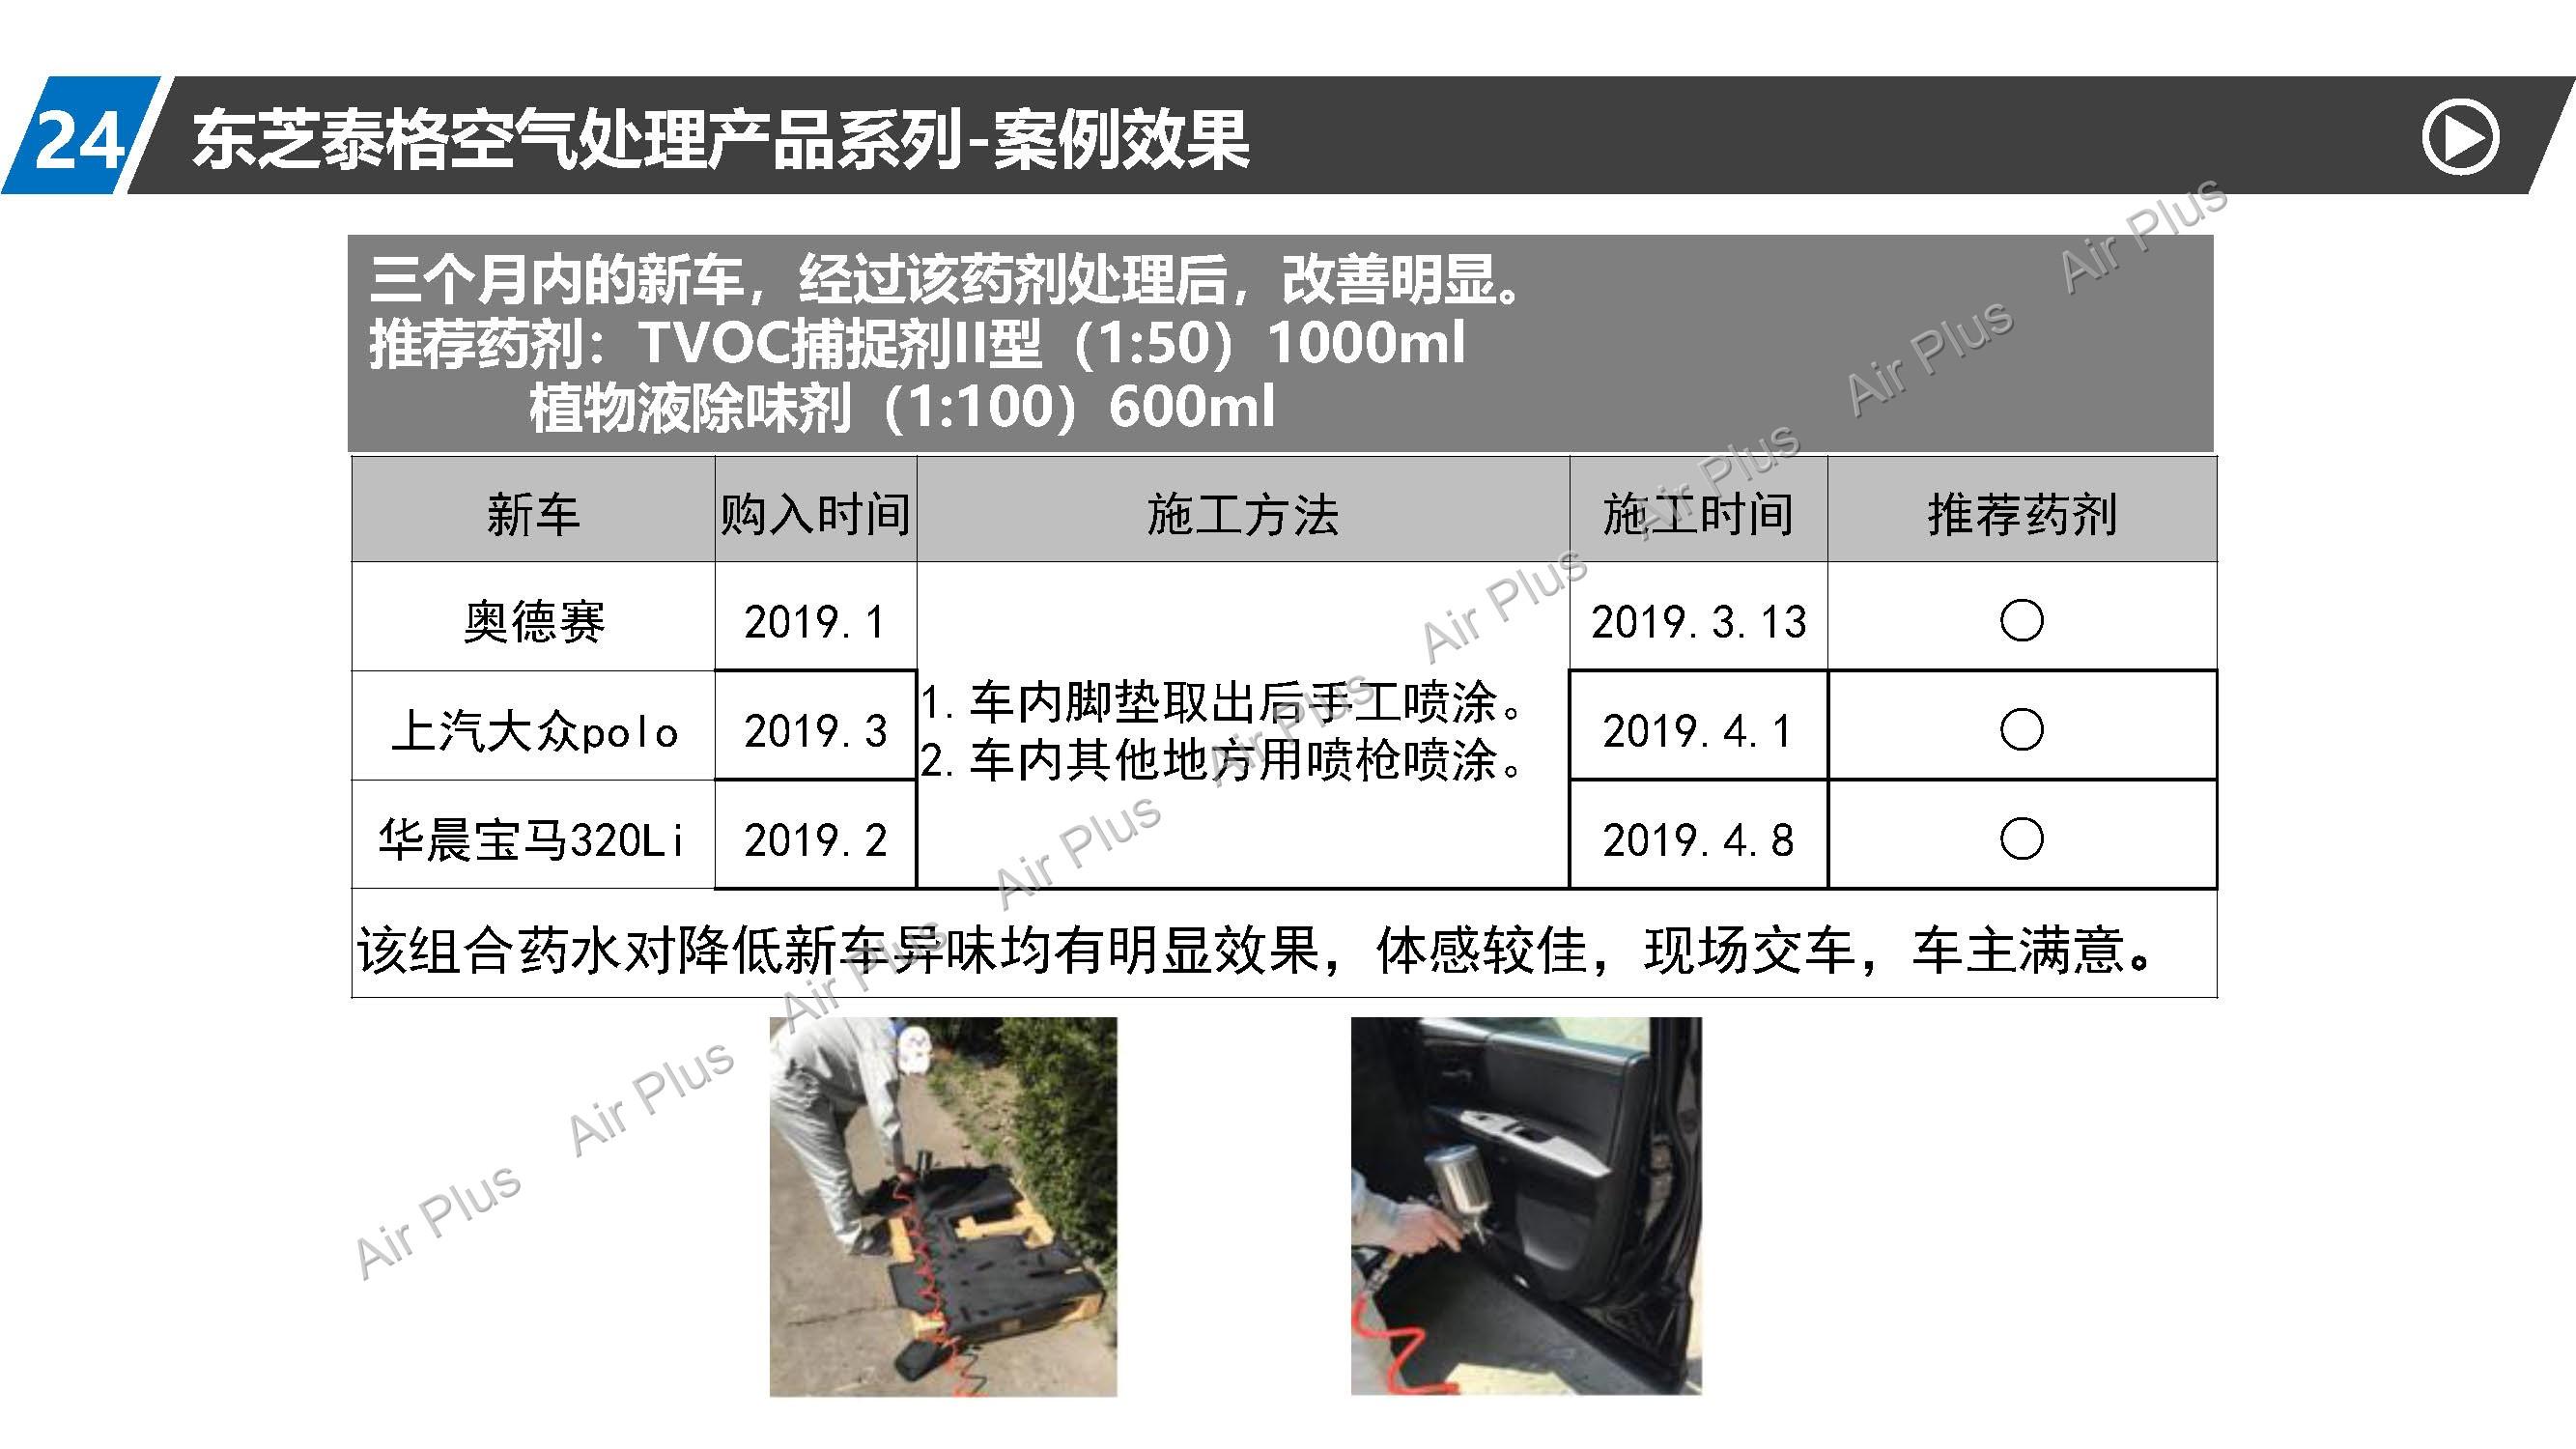 清芝洁空气处理新品介绍简介_页面_22.jpg